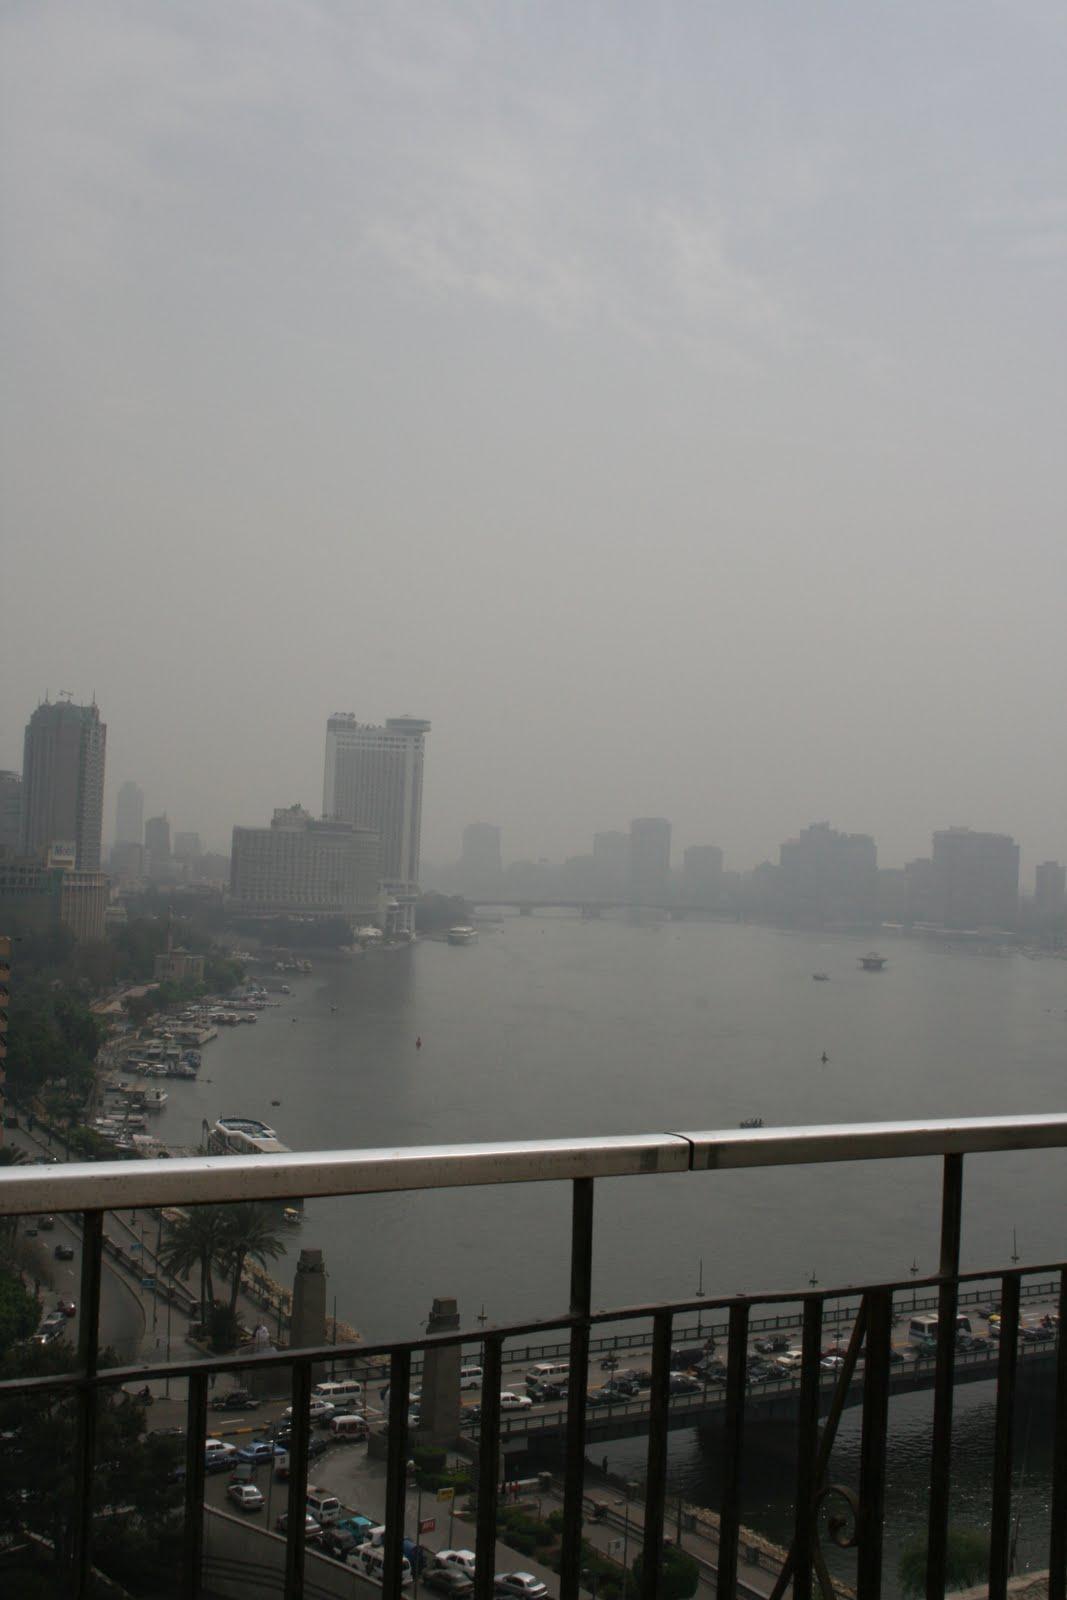 http://4.bp.blogspot.com/_uxWBtQcH-xI/TJeyO7TXBtI/AAAAAAAAAH8/yNmyWDKiUZw/s1600/200704_egypten2+080.jpg